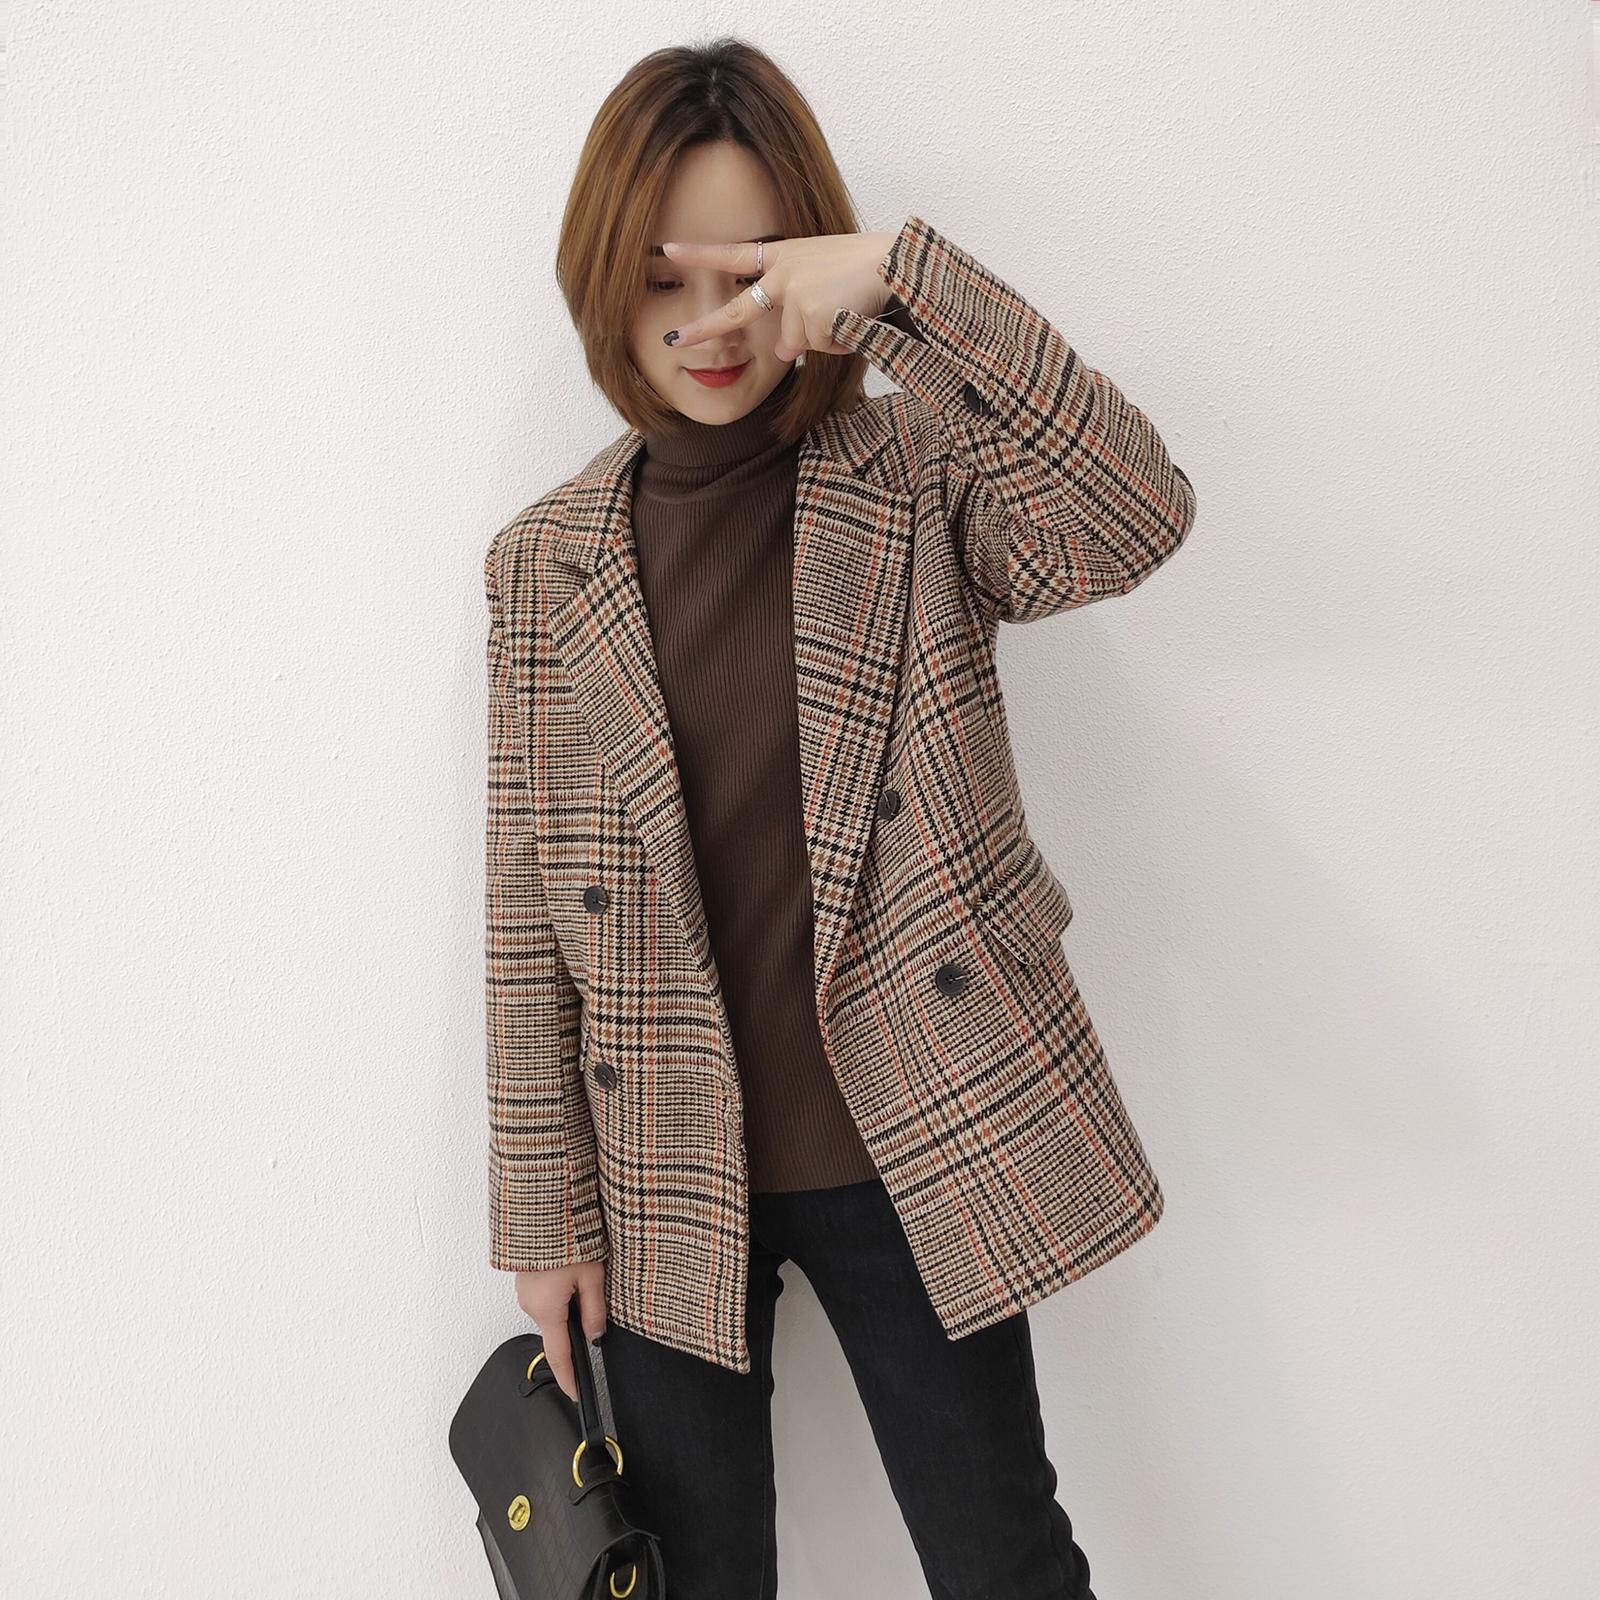 福利 JPH-9603韩版时尚休闲毛呢格子小西装外套图片